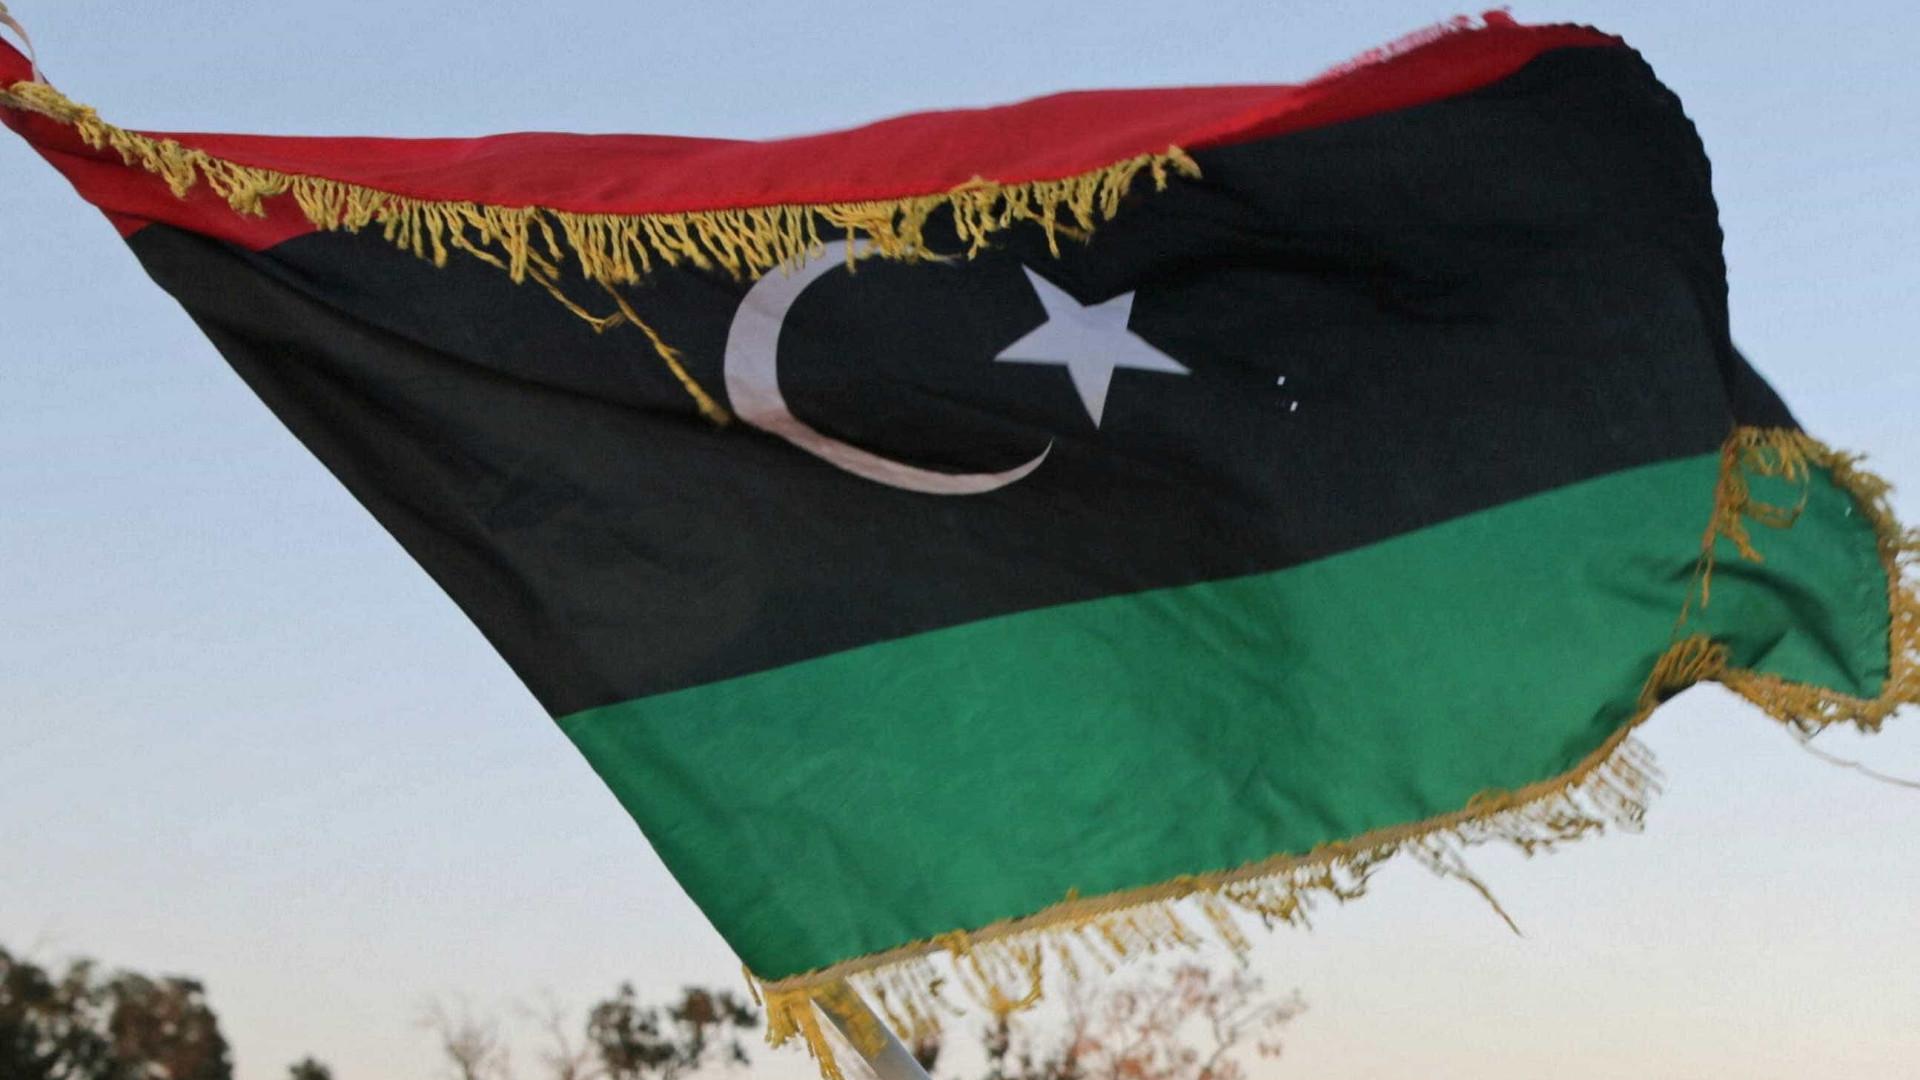 Terão sido cometidos crimes de guerra durante pandemia na Líbia